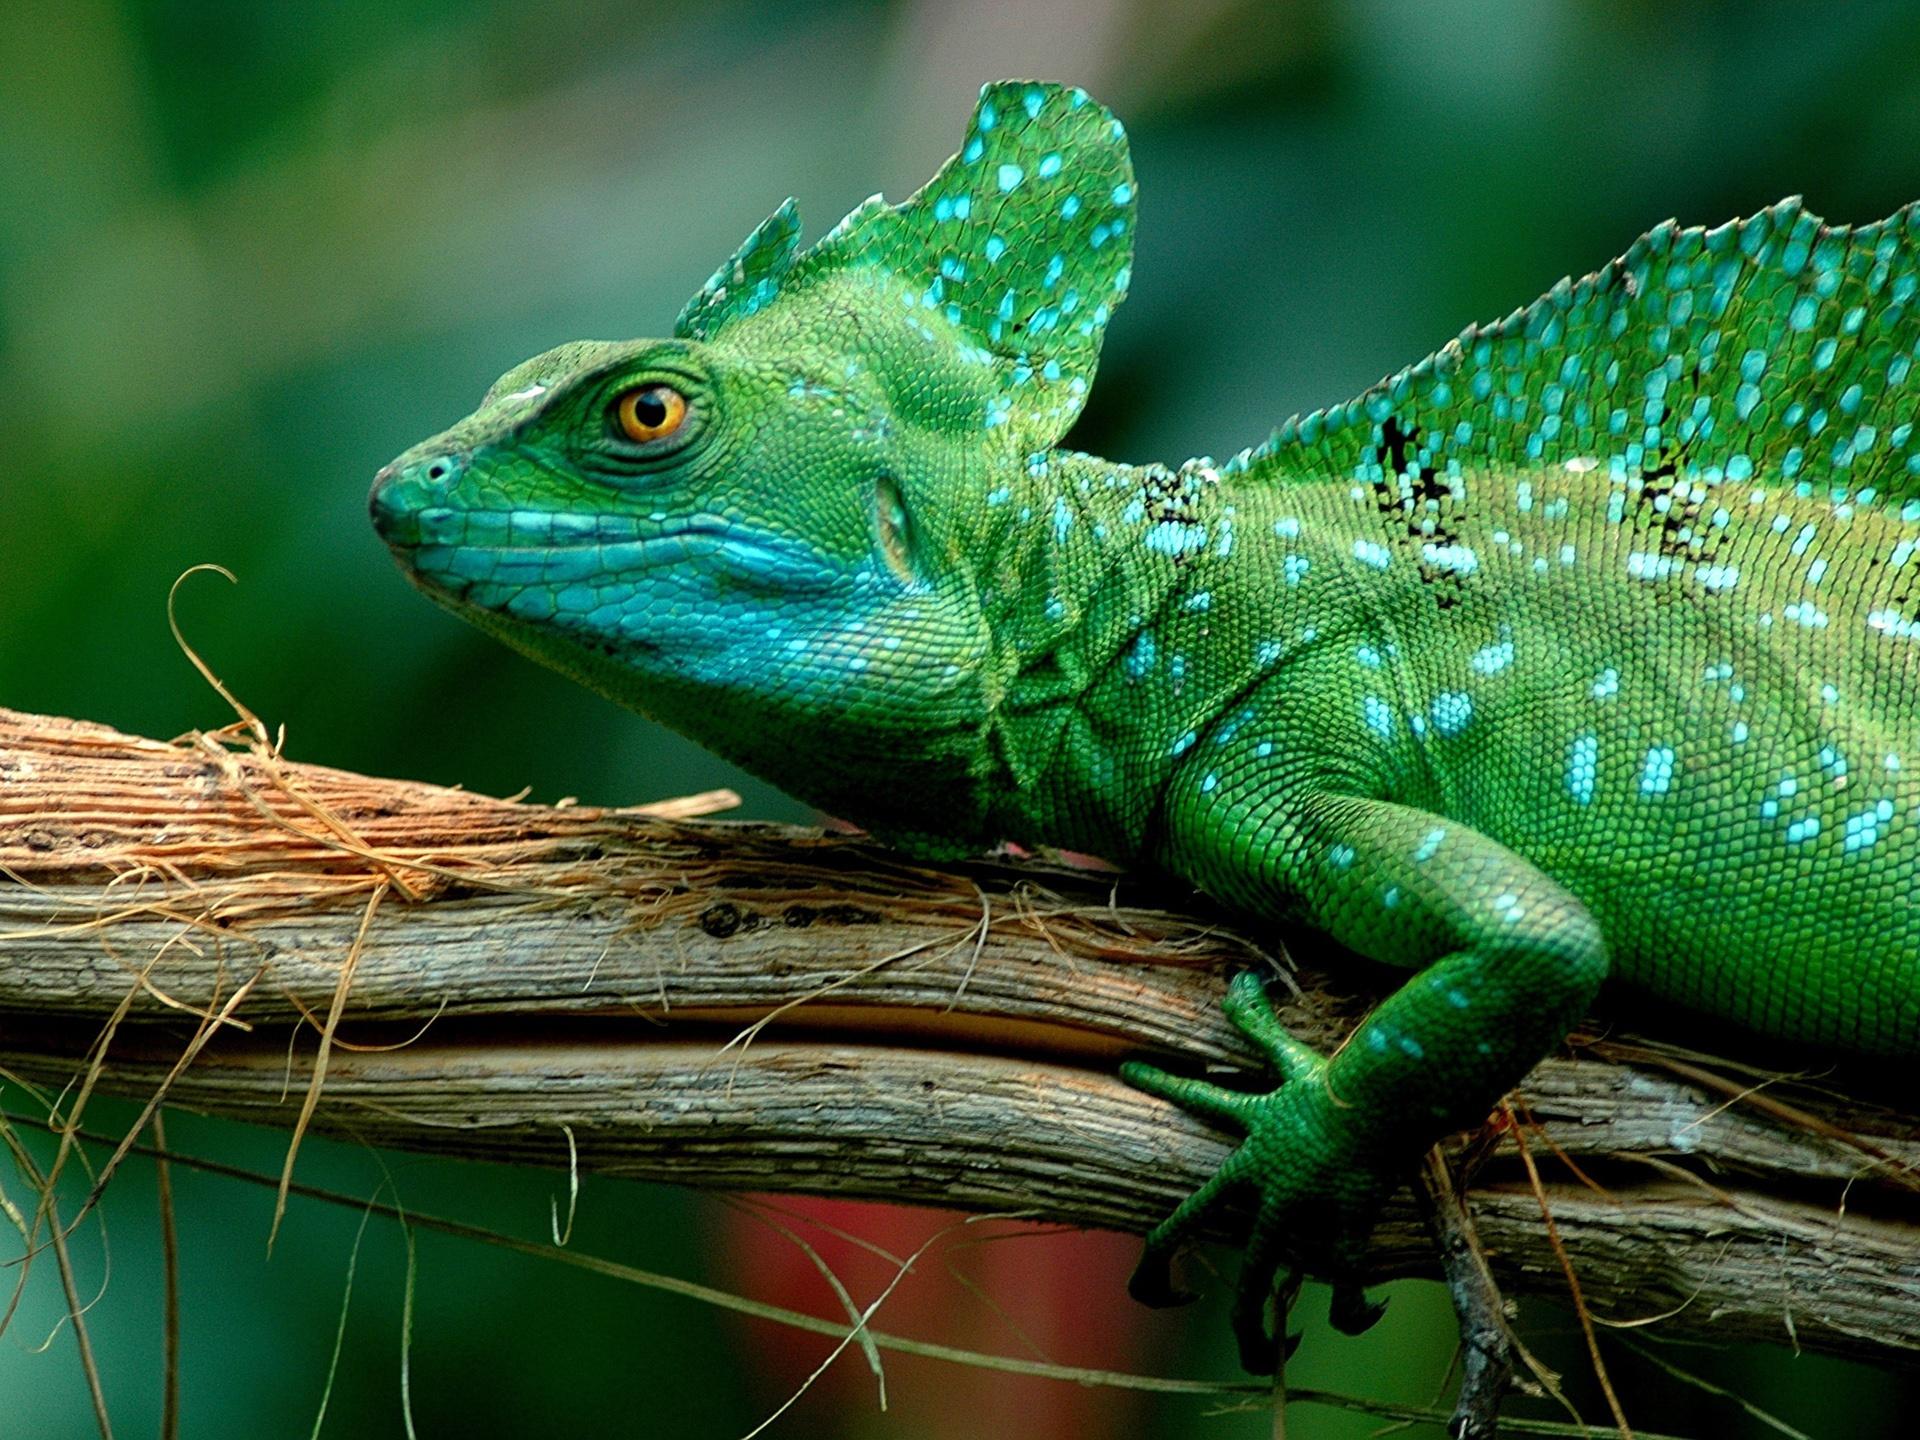 Green lizard, chameleon wallpaper 1920x1440.